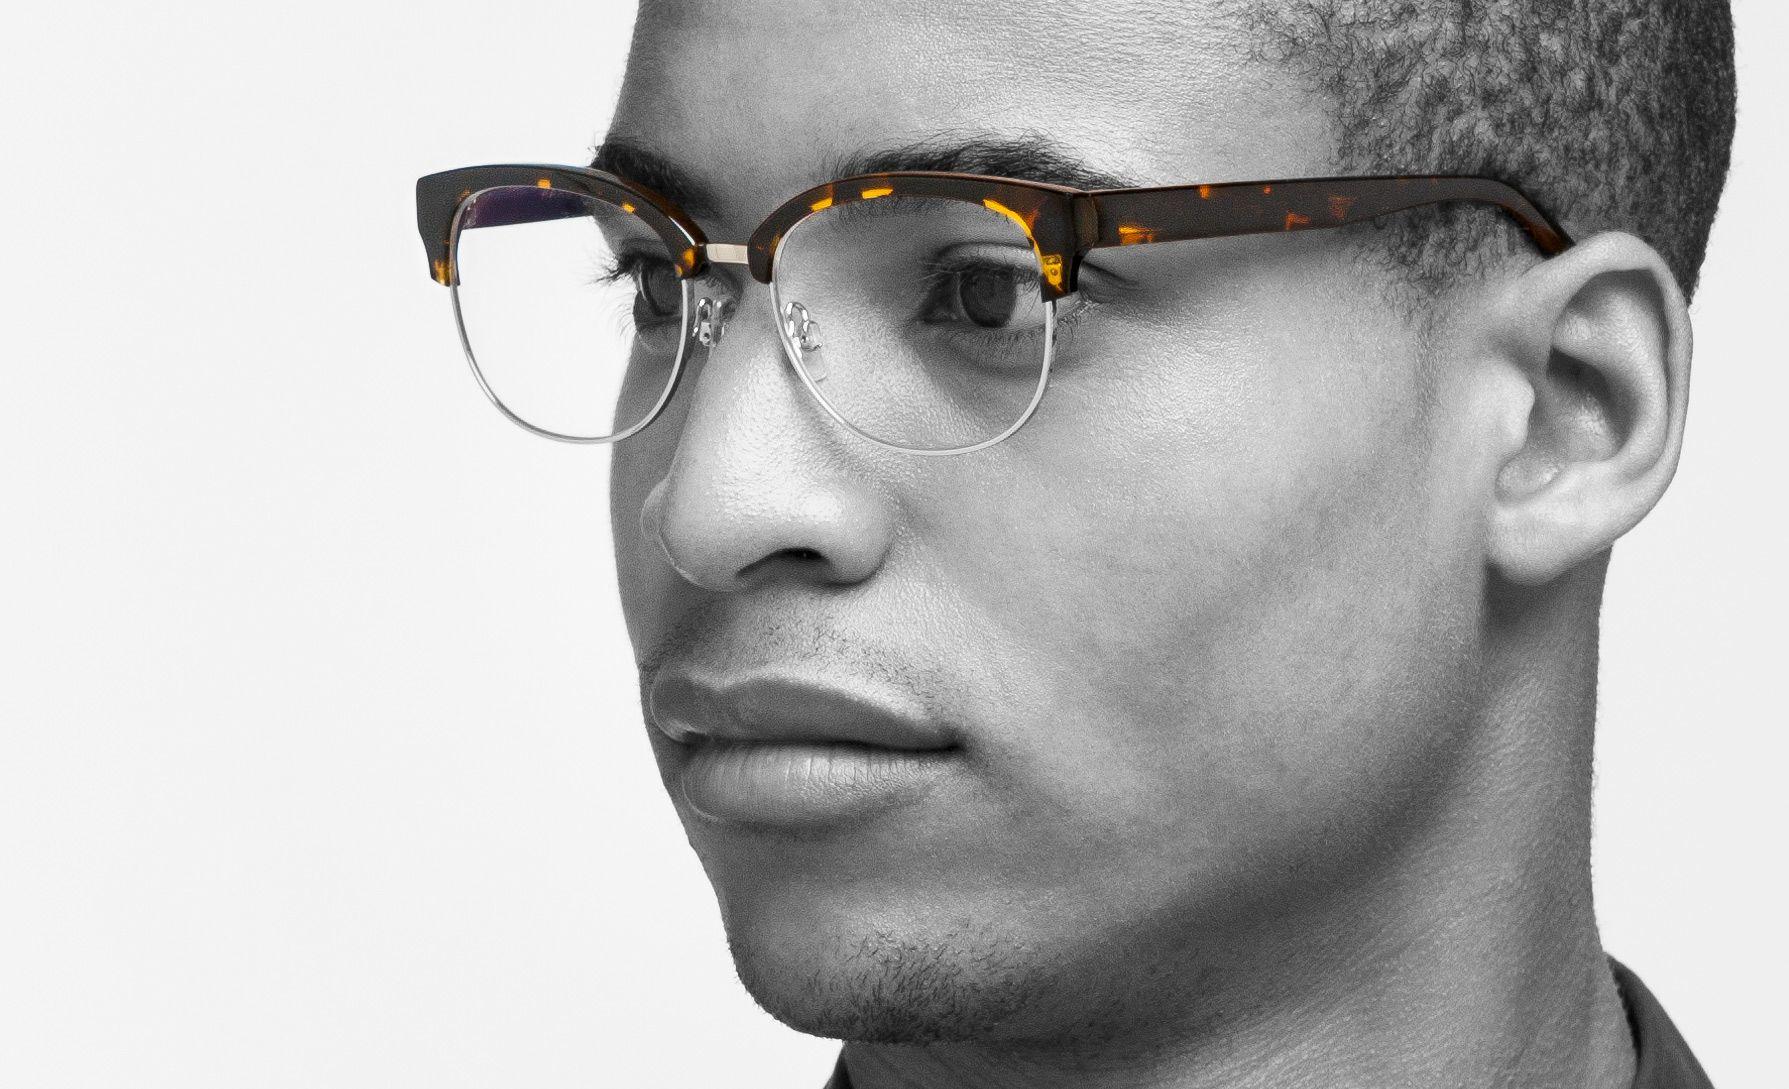 eyeglasses_men_eliot_whiskytor_Malik_819bw2.jpg